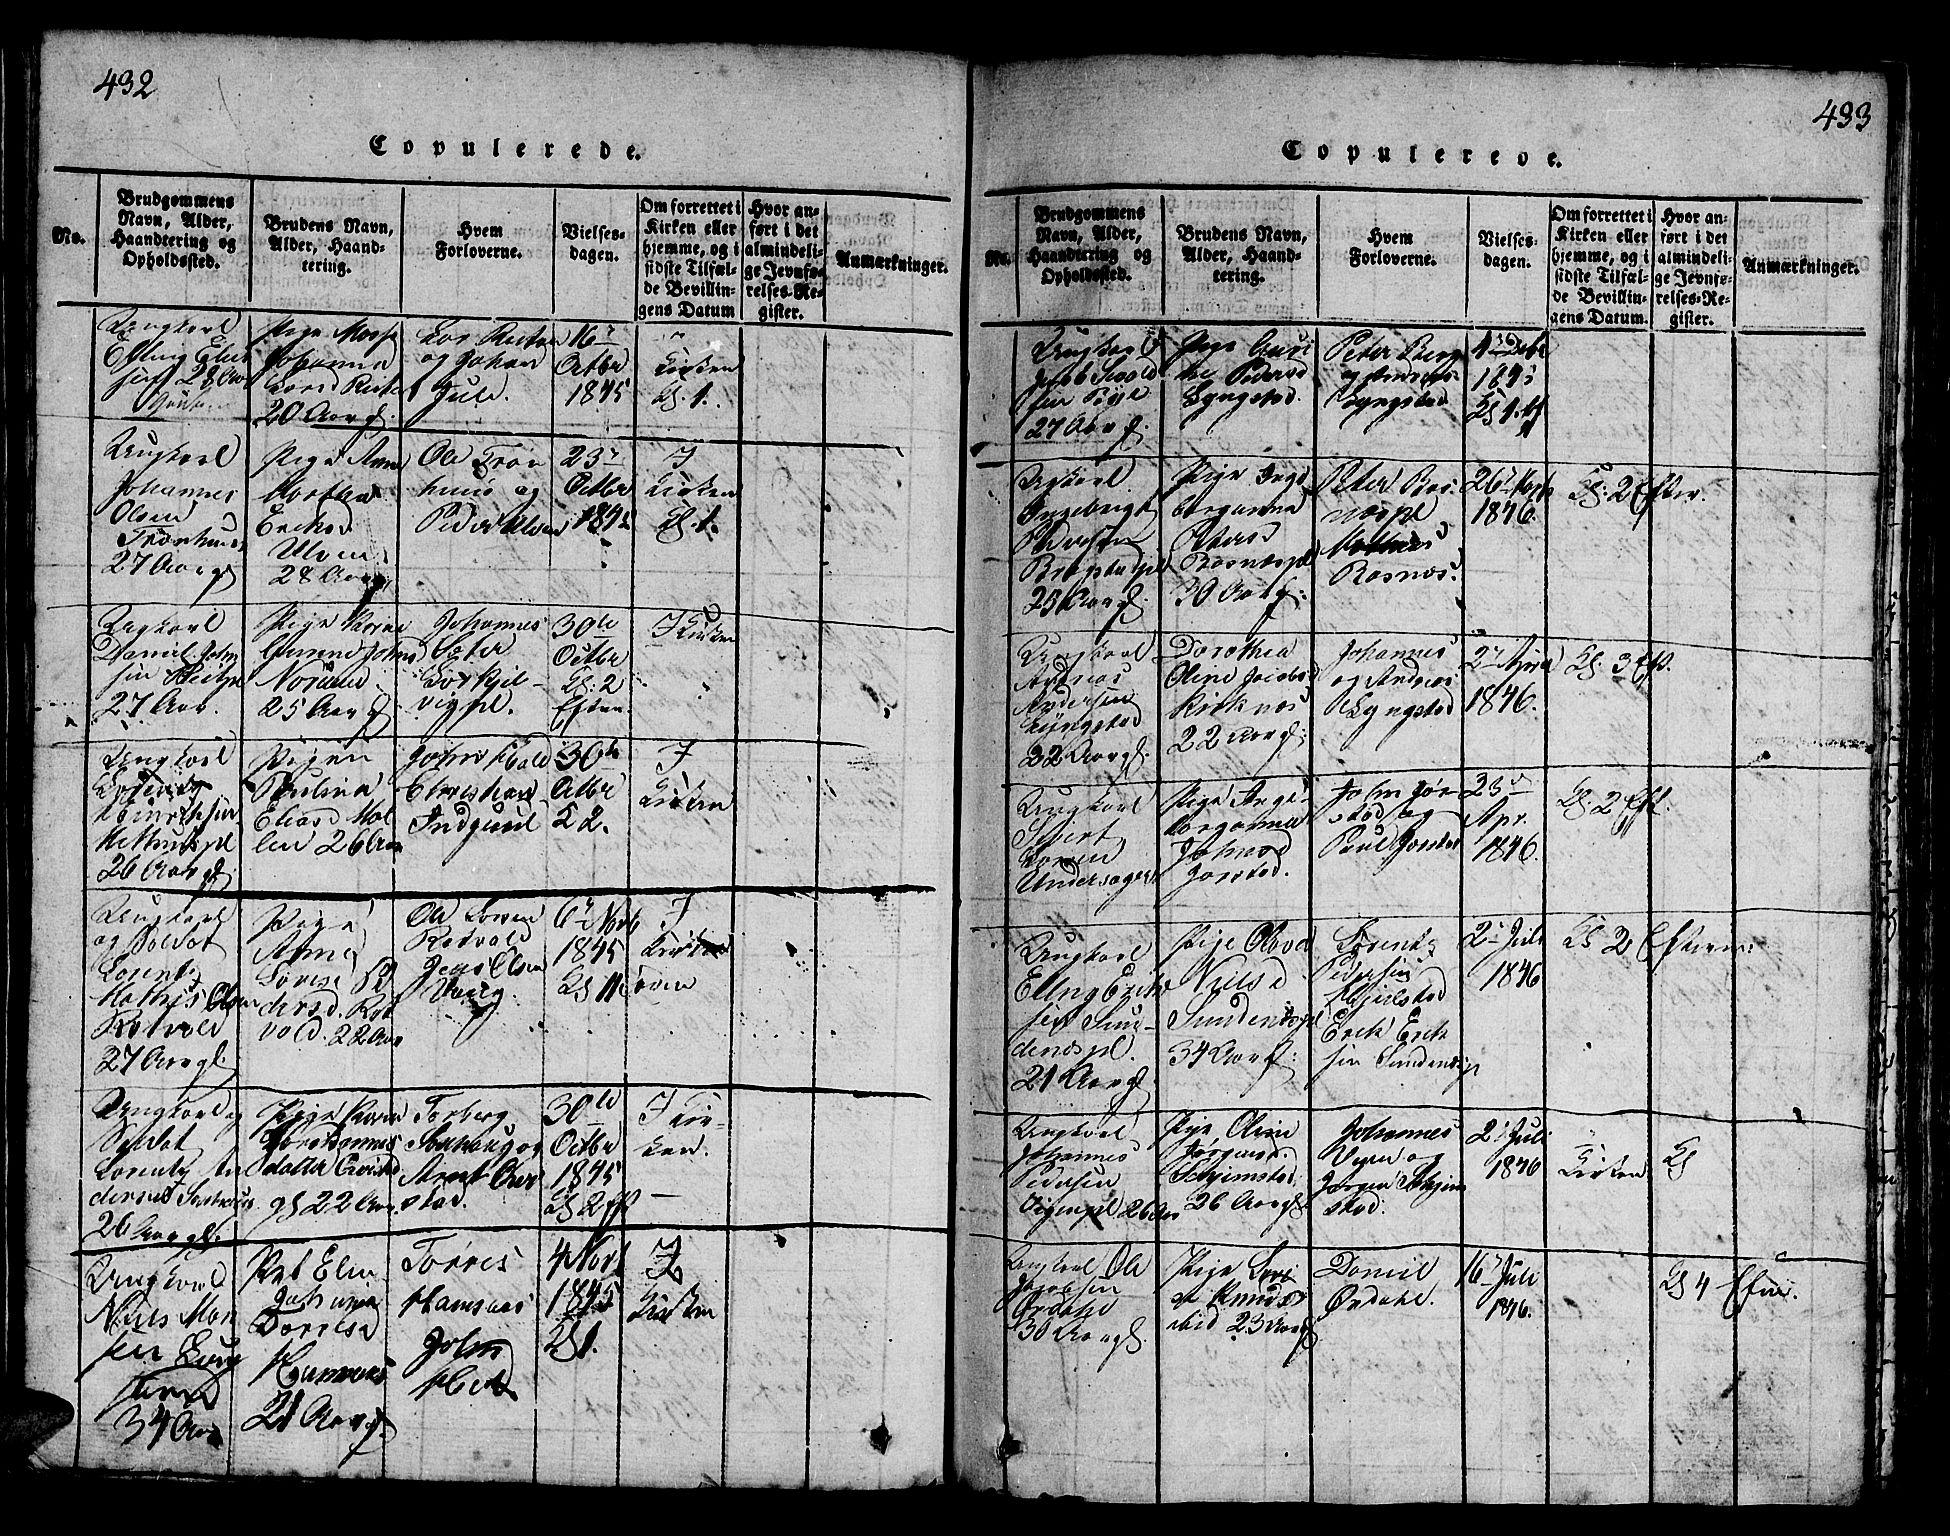 SAT, Ministerialprotokoller, klokkerbøker og fødselsregistre - Nord-Trøndelag, 730/L0298: Klokkerbok nr. 730C01, 1816-1849, s. 432-433